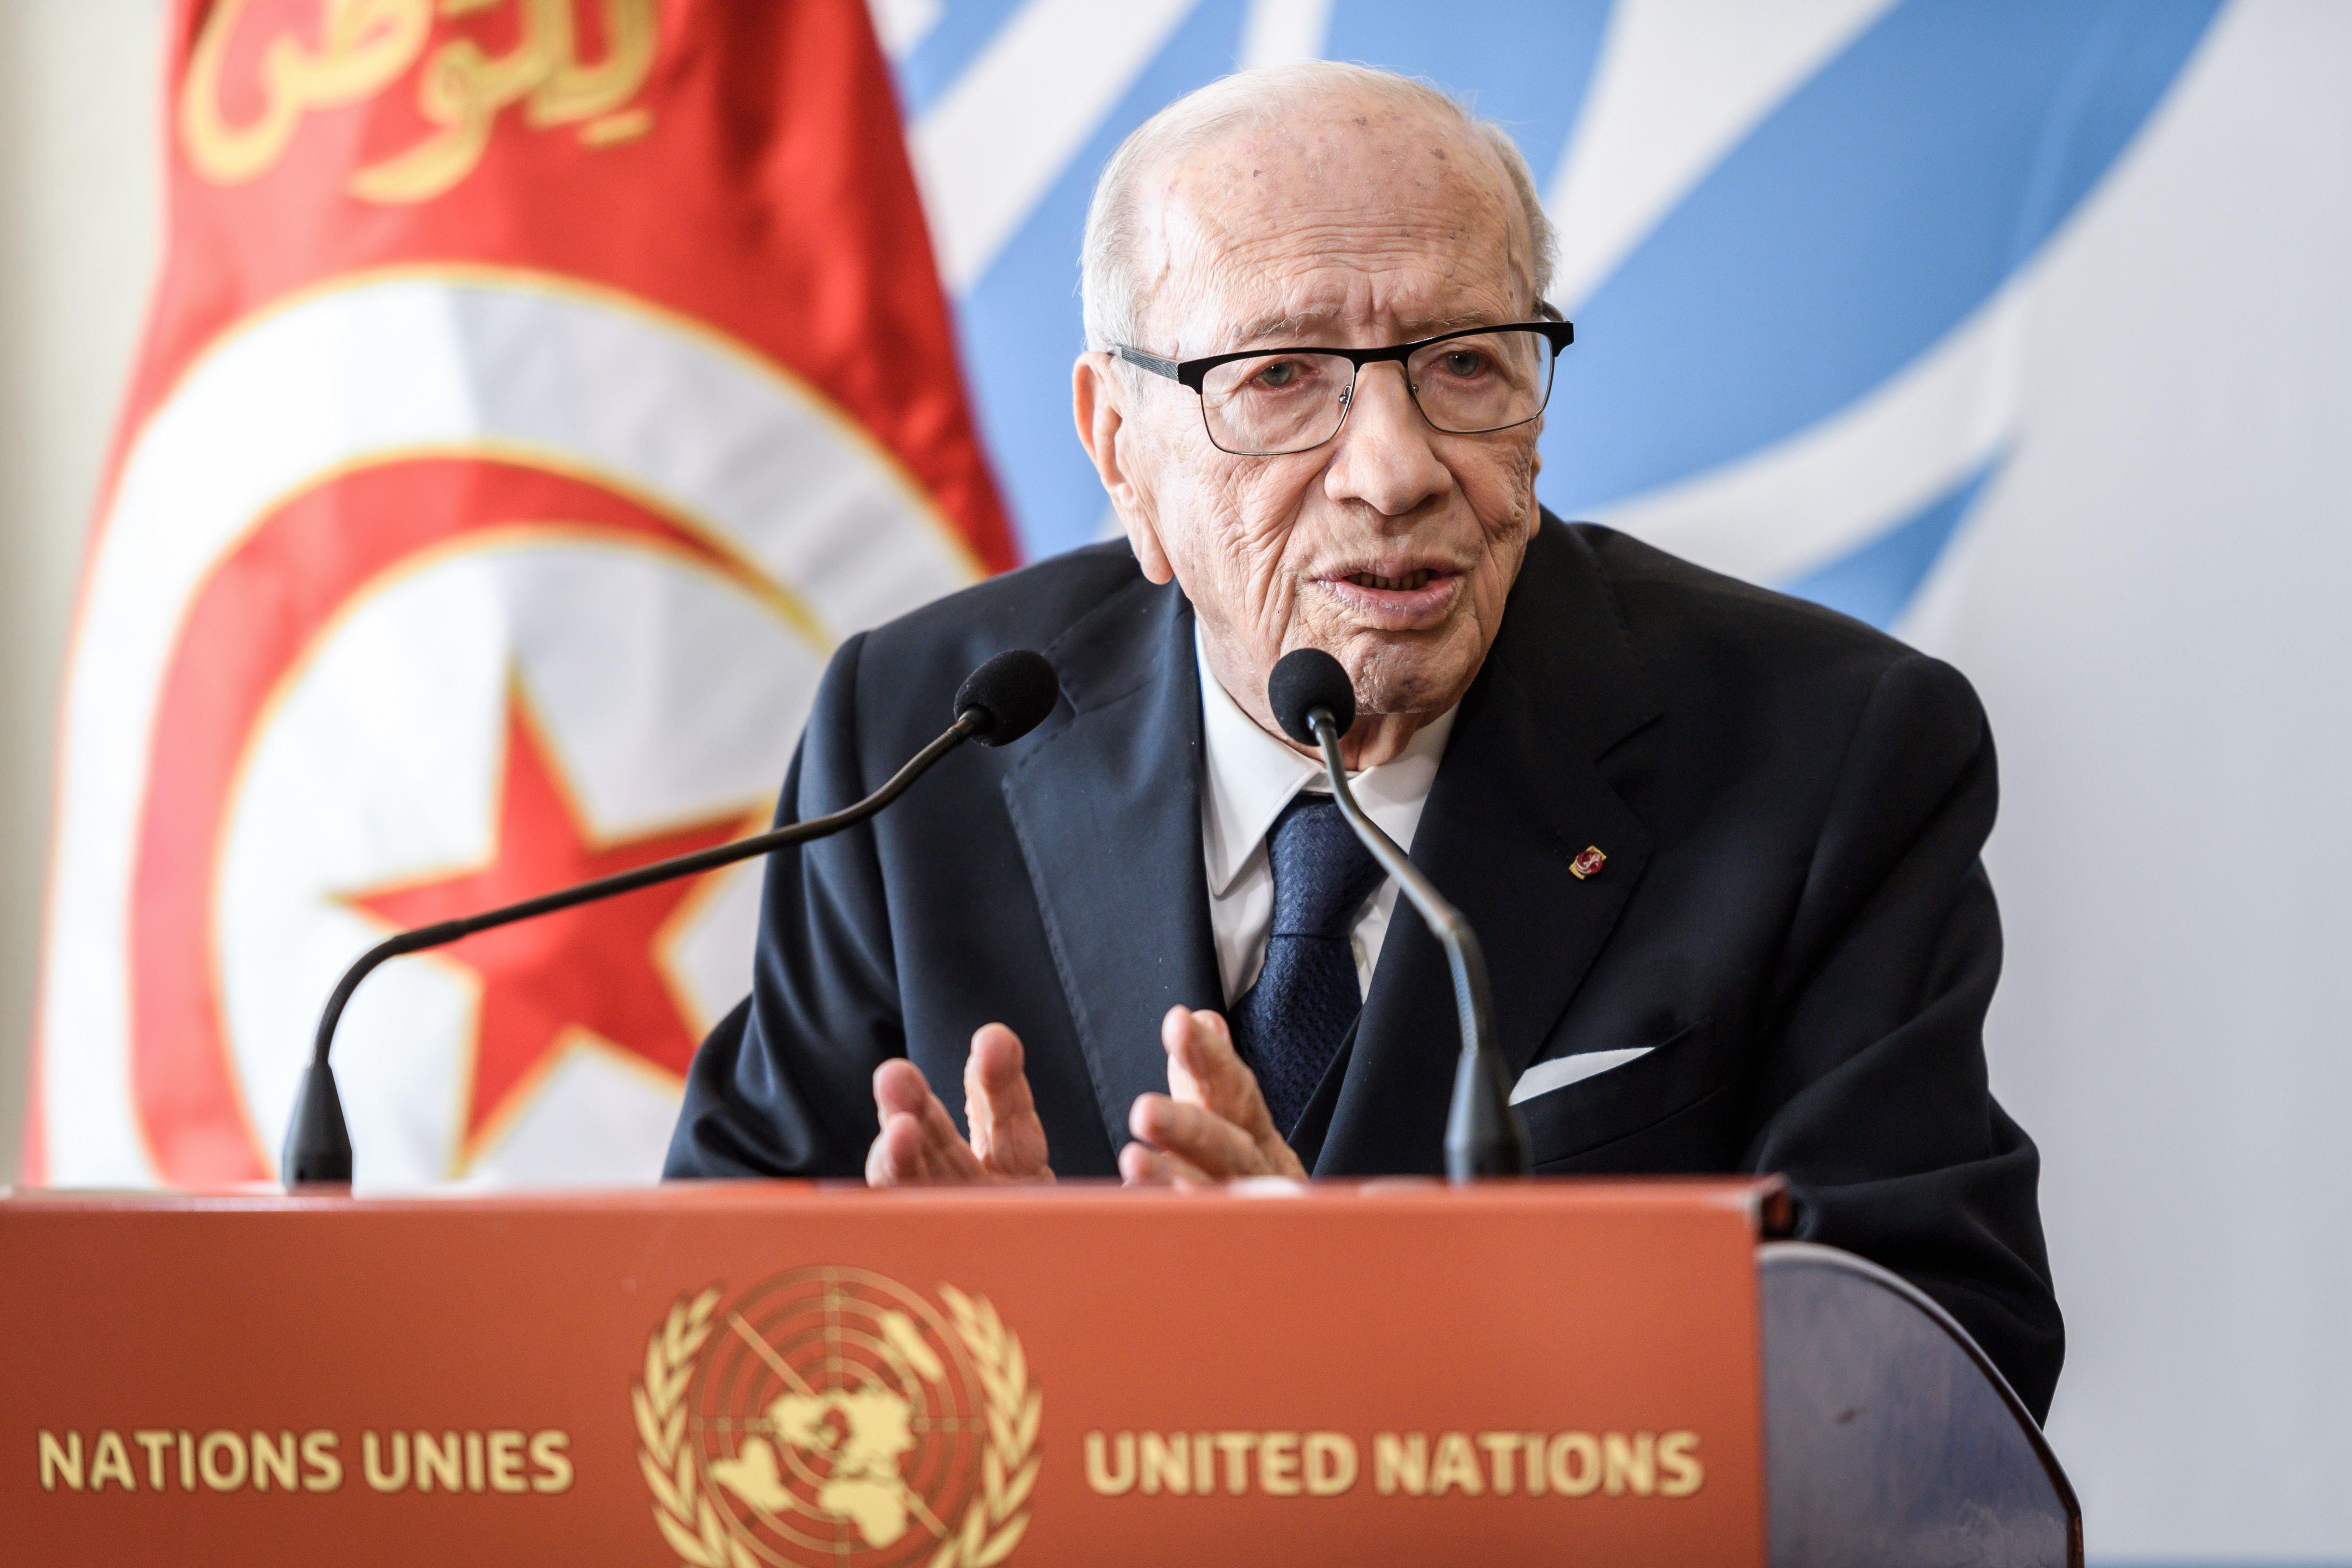 Le plaidoyer de Béji Caid Essebsi pour l'égalité dans l'héritage au Conseil des Droits de l'Homme de